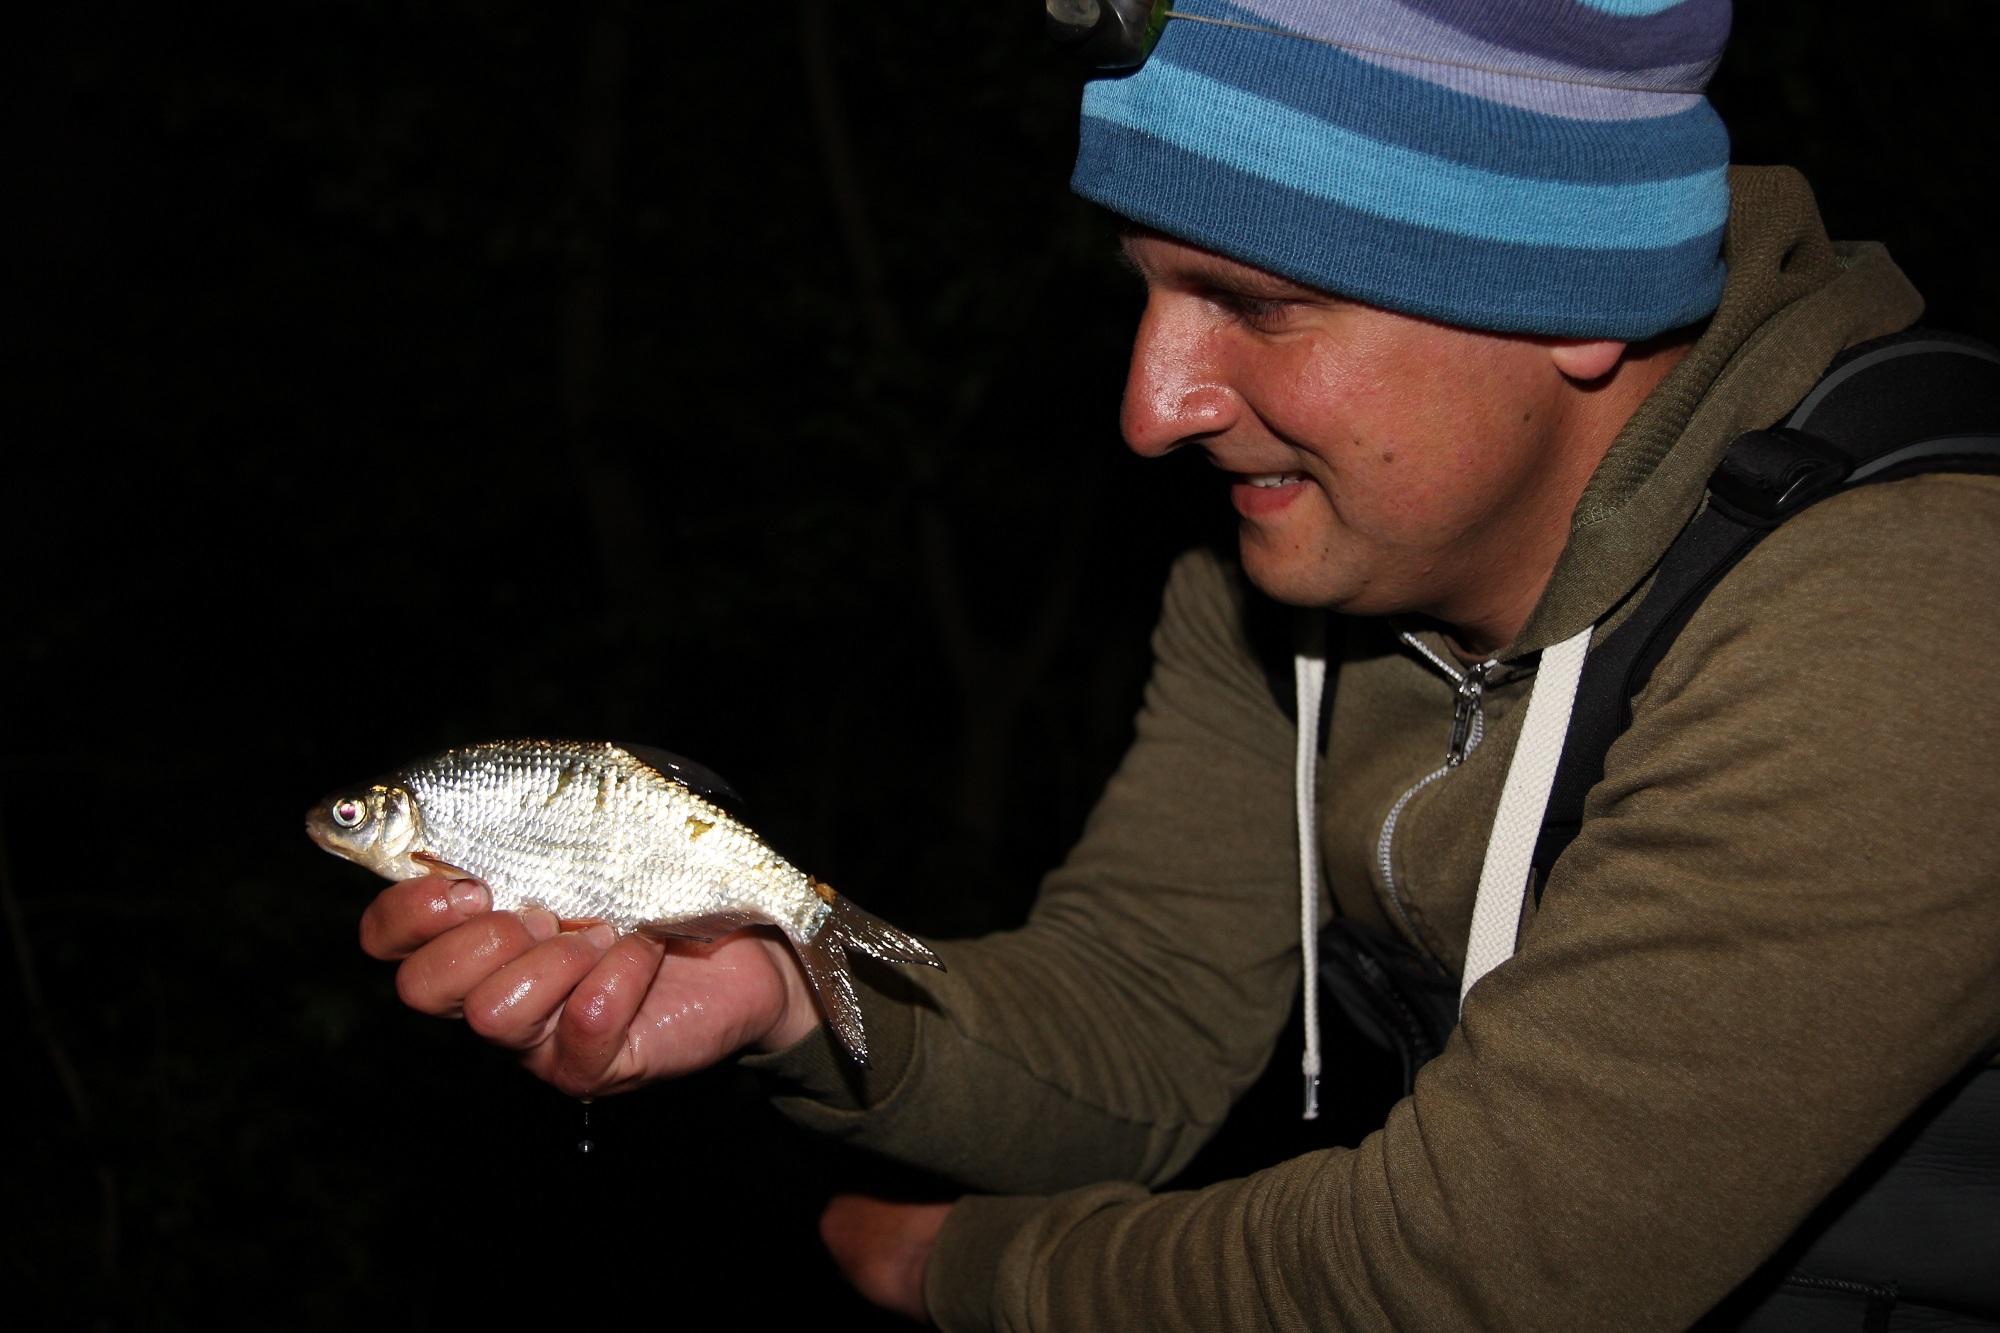 Im Vergleich zum Brassen sind Güster eher klein. Fische zwischen 15 und 25 Zentimetern gehören zum Durchschnitt an vielen Gewässern